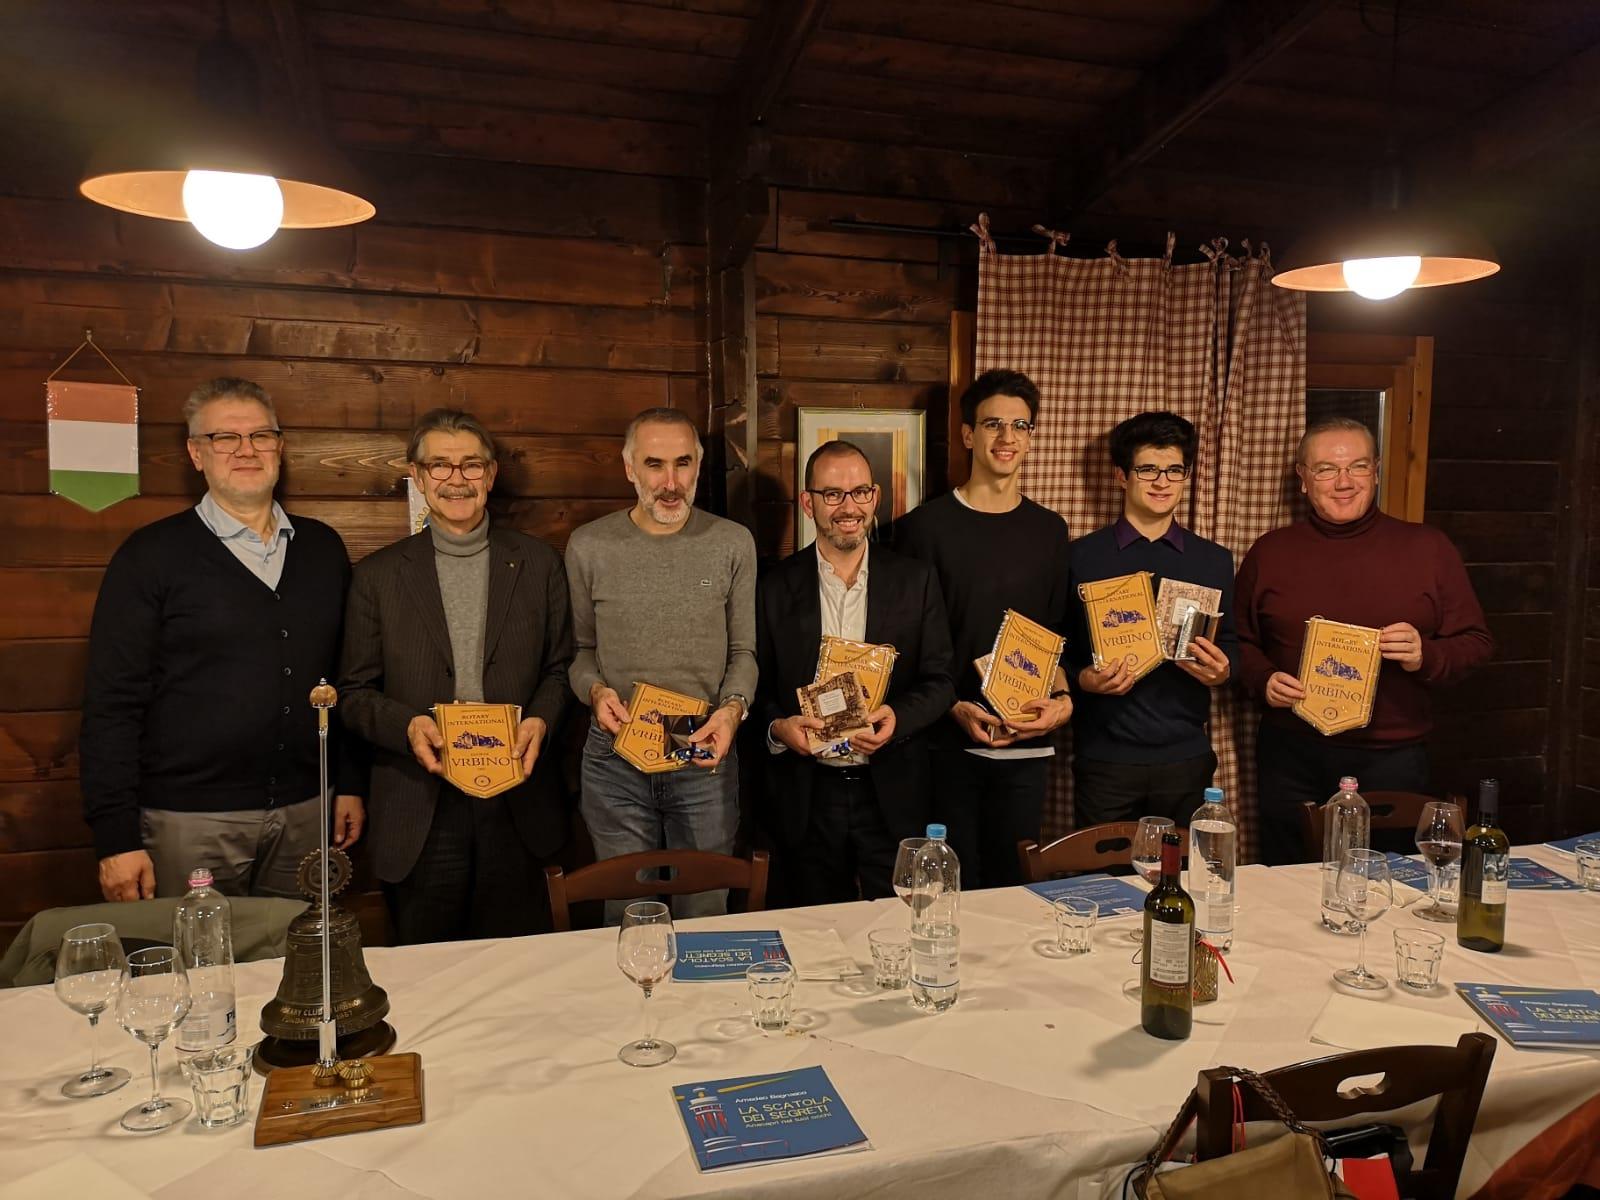 """Il libro """"La scatola dei segreti"""" di Amedeo Bagnasco accolto ad Urbino nel segno dell' amicizia e della Solidarietà"""